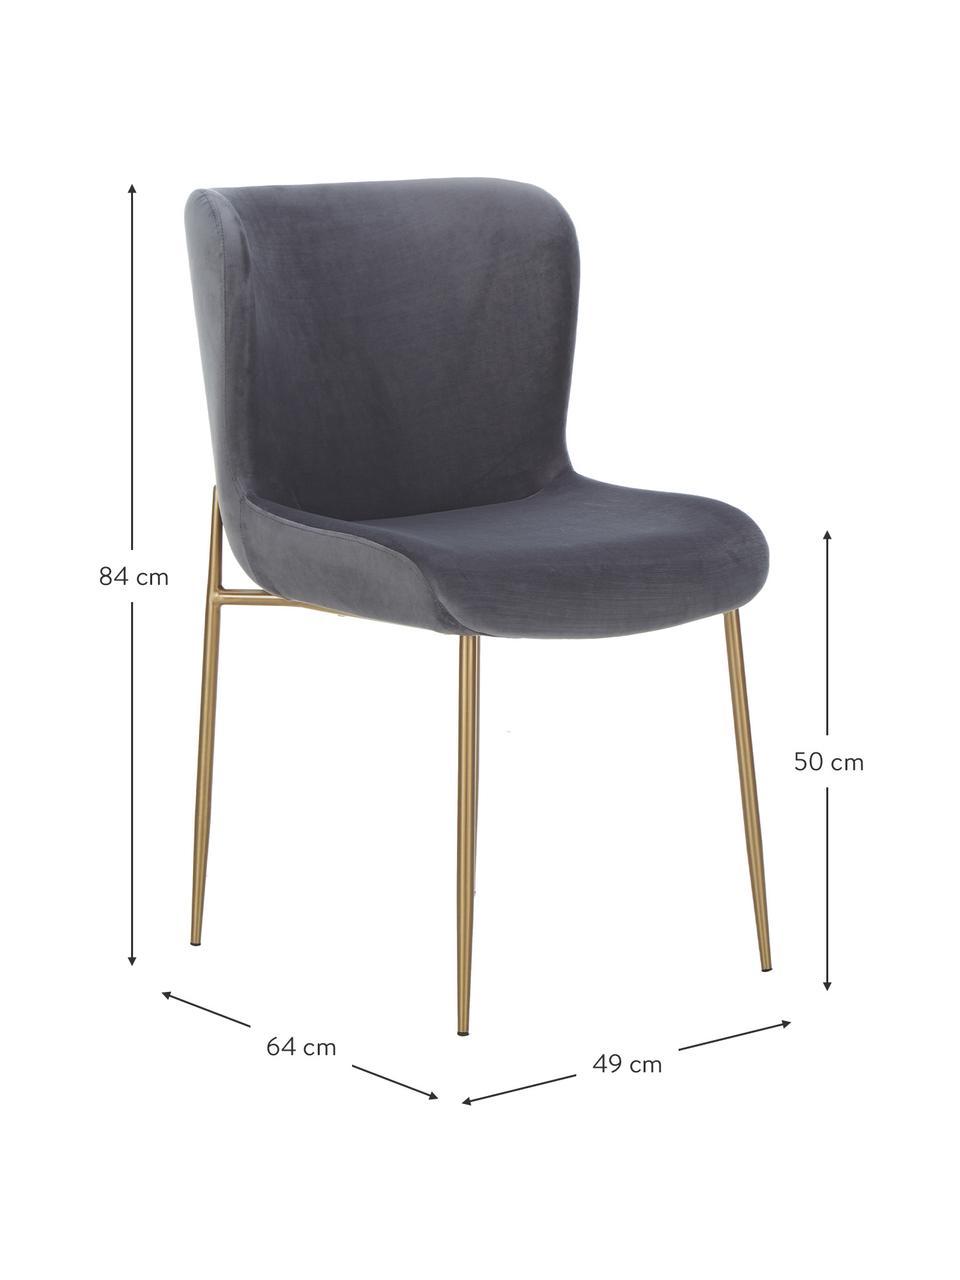 Samt-Polsterstuhl Tess in Anthrazit, Bezug: Samt (Polyester) Der hoch, Beine: Metall, beschichtet, Samt Anthrazit, Beine Gold, B 49 x T 64 cm